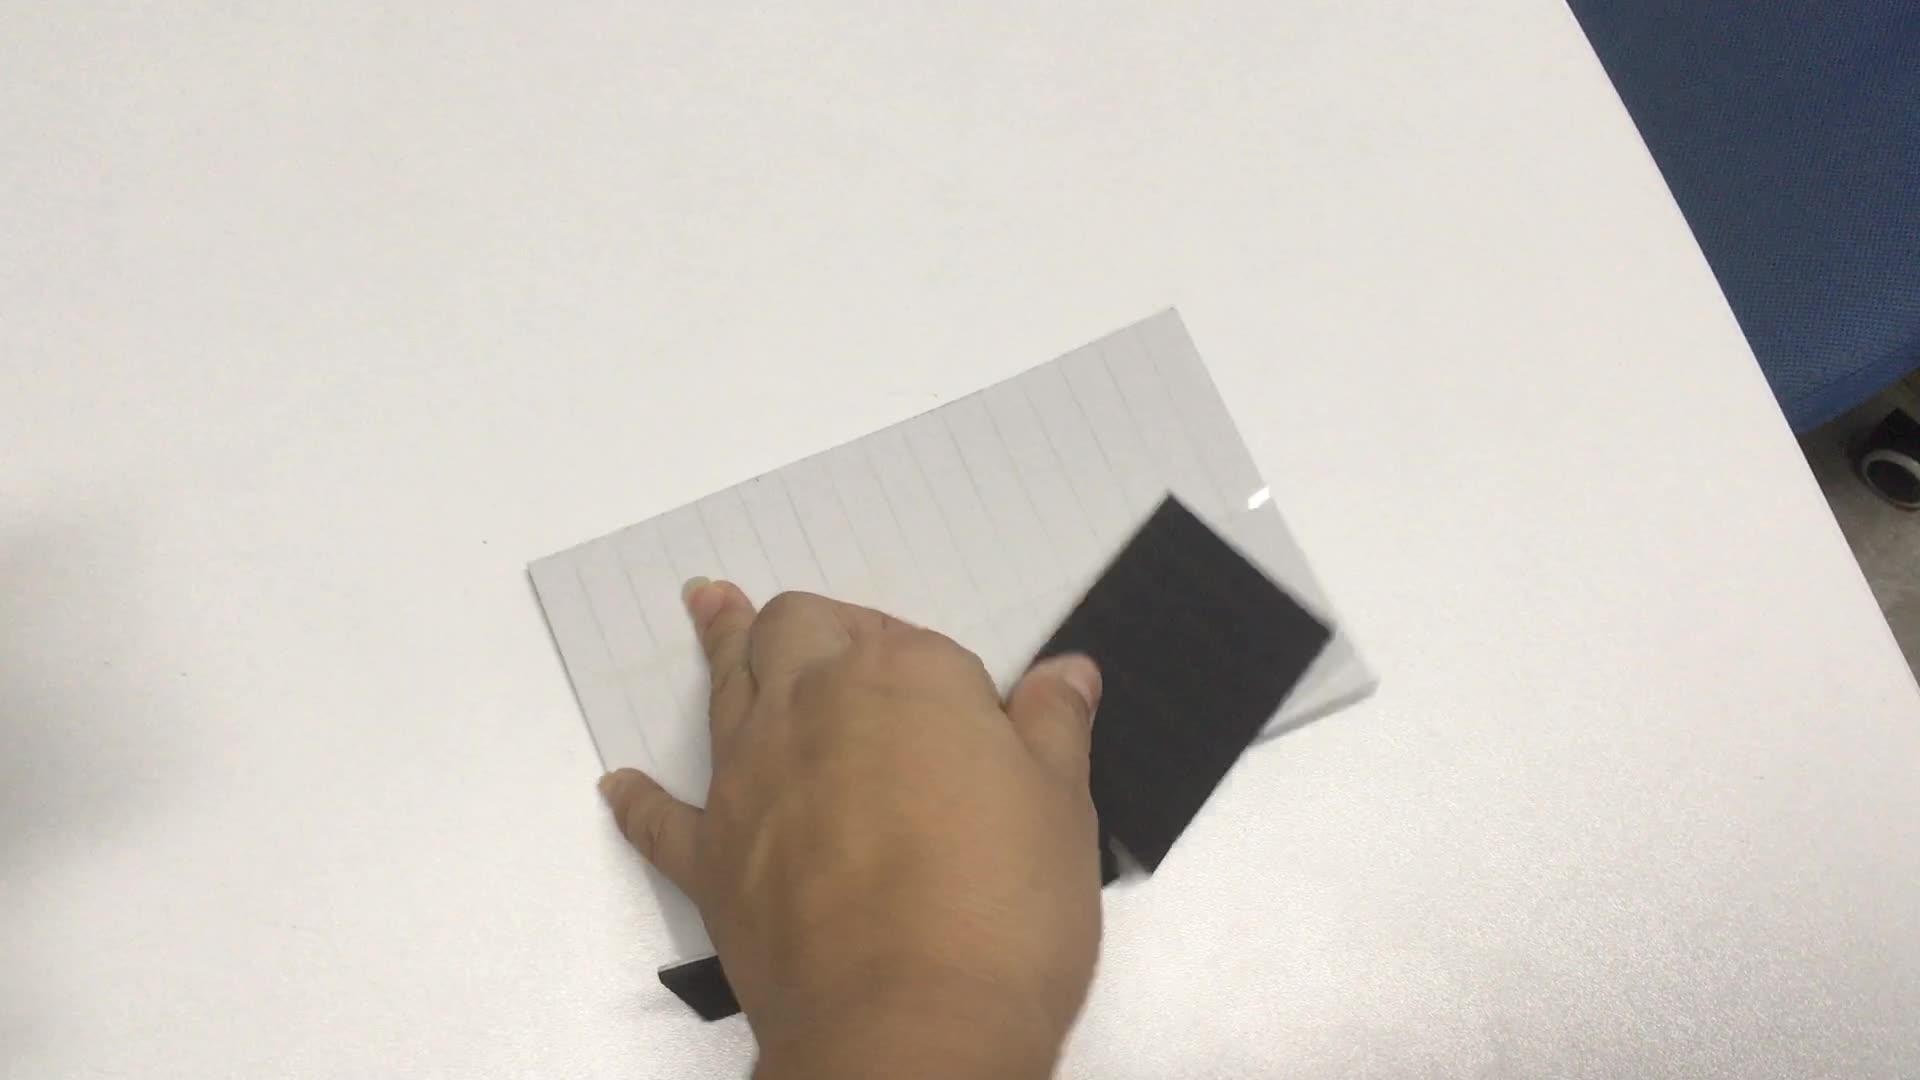 שחור eva רפידות להפריד זכוכית להגנה על